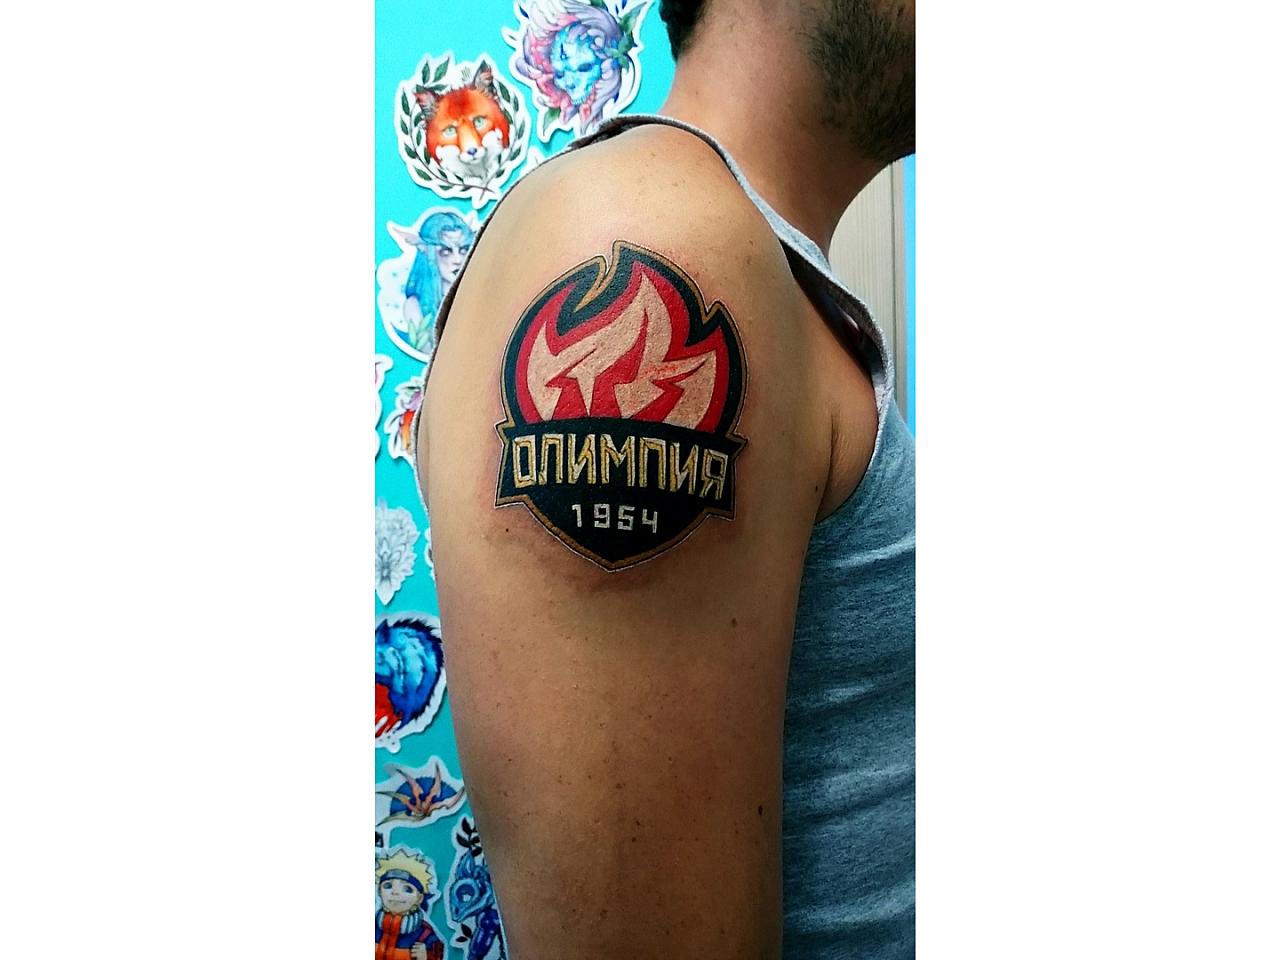 """Обращение в минспорта РФ и татуировка: чепчане продолжают поддерживать """"Олимпию"""""""